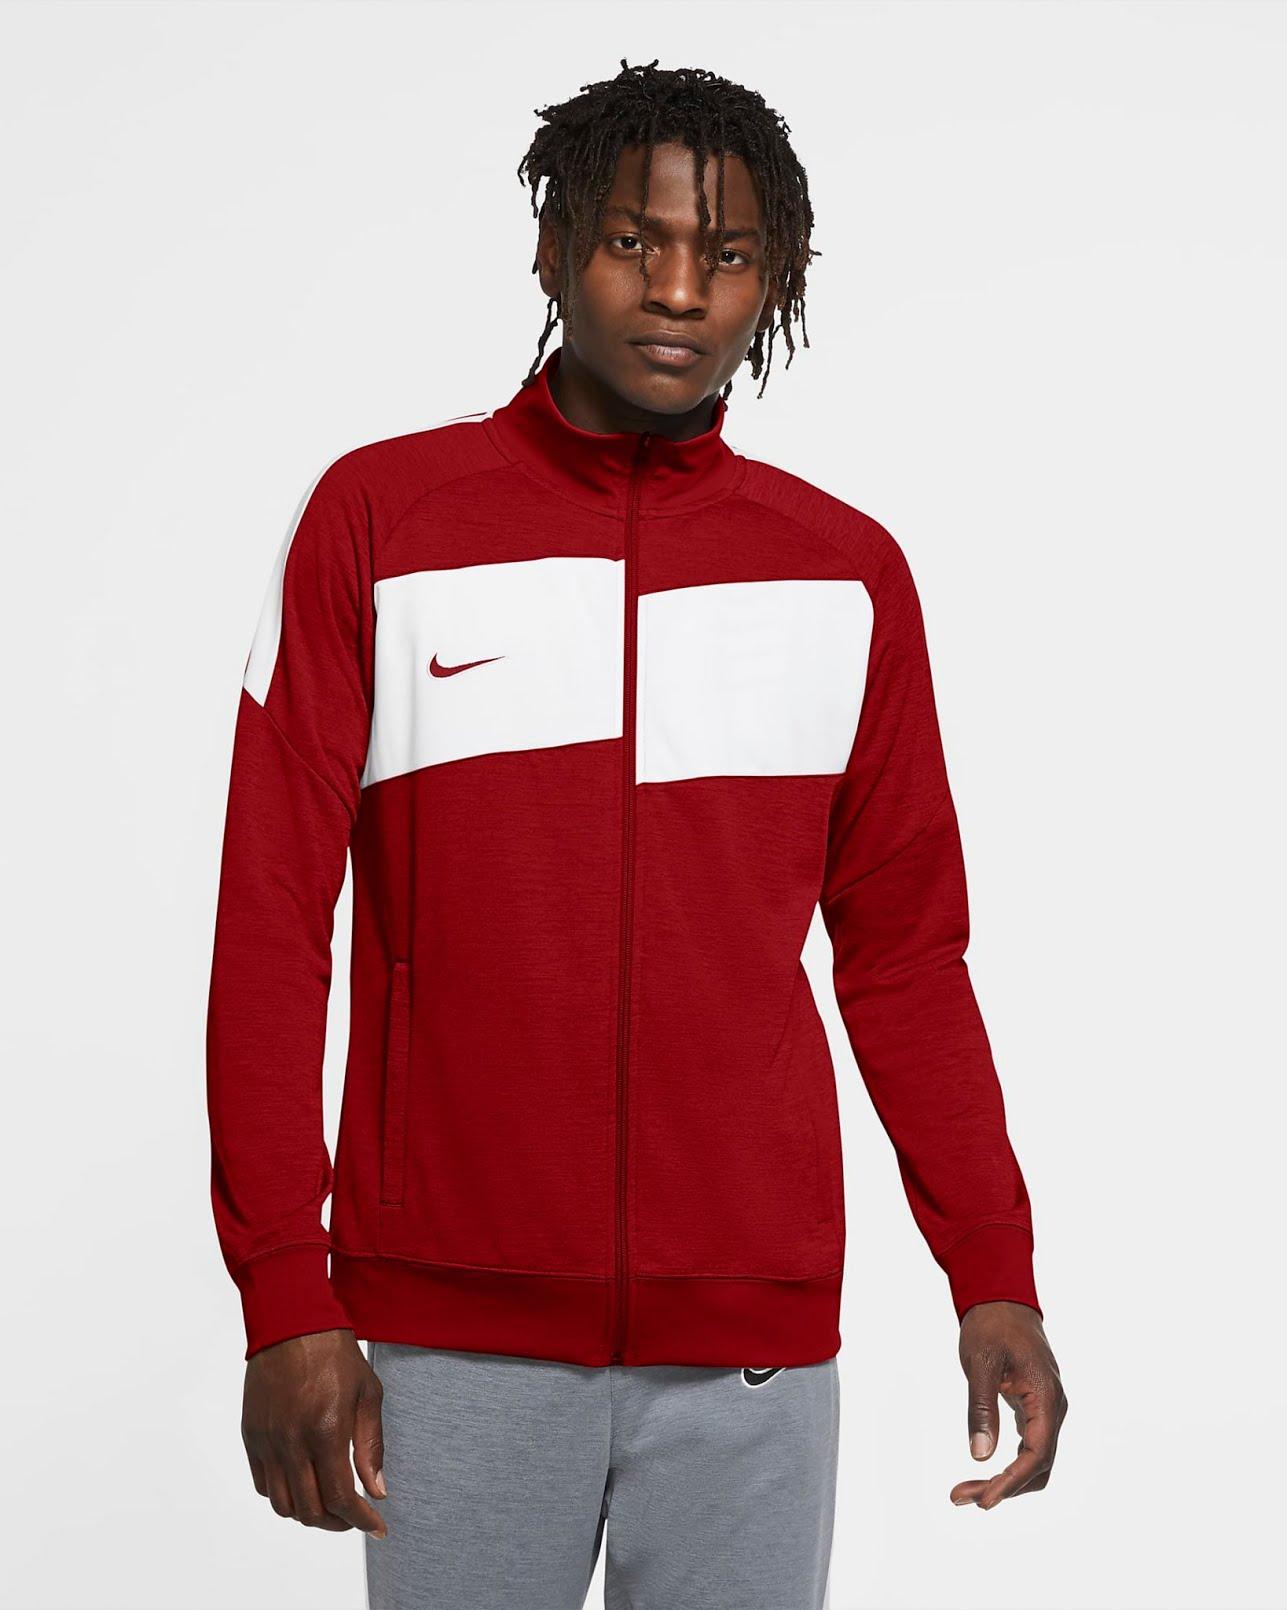 Soldes Nike - Veste de survêtement Nike Dri-FIT Academy